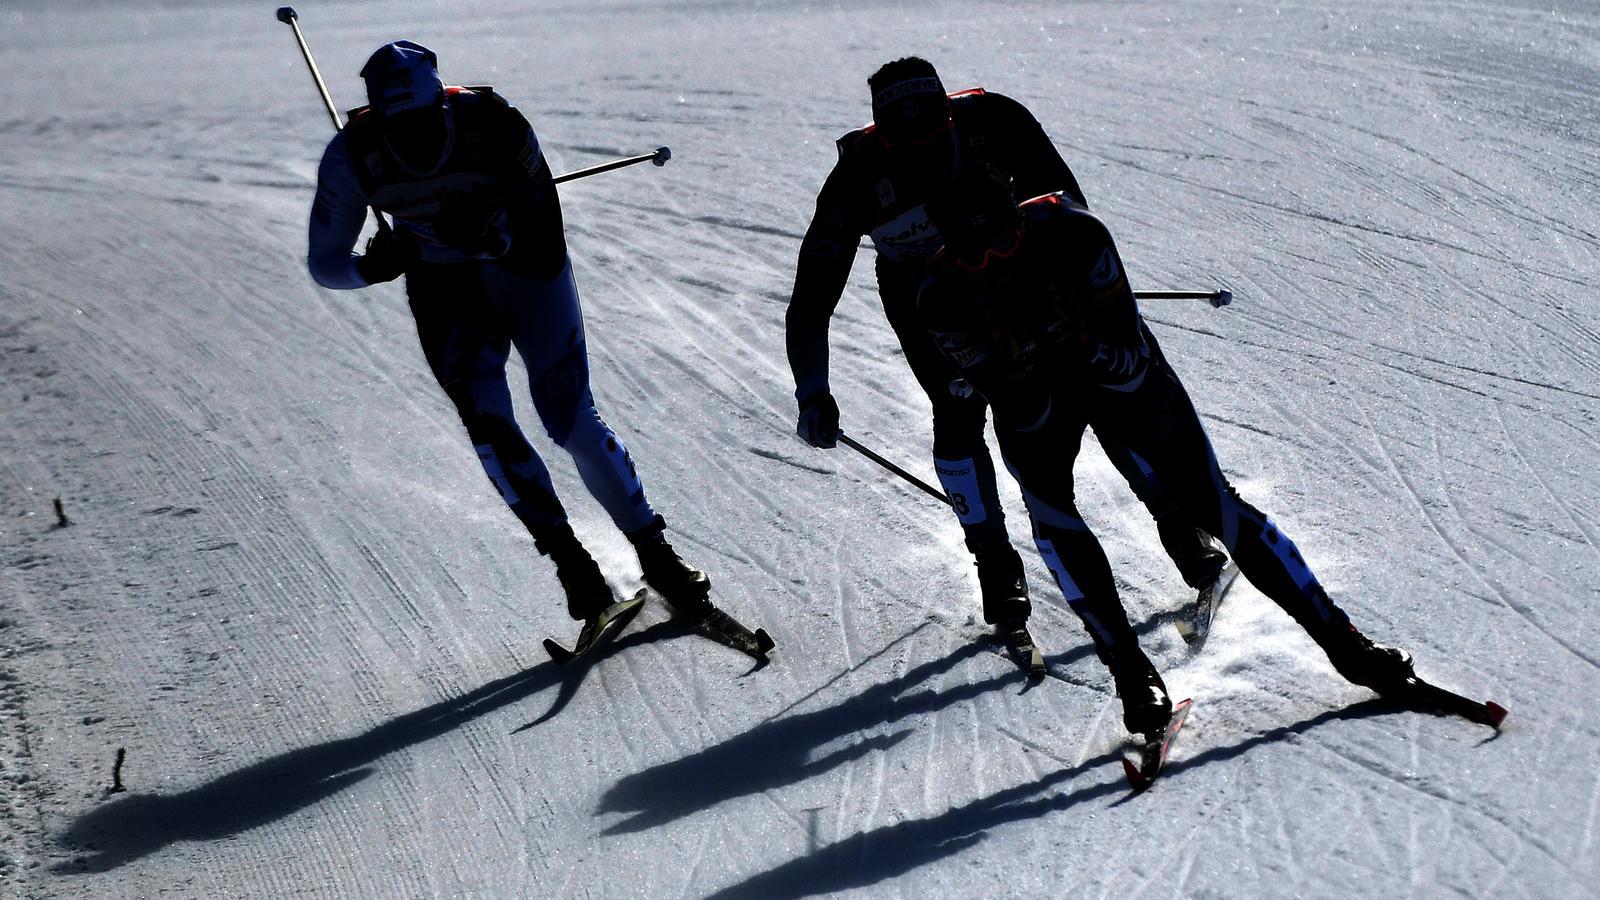 Der Doping-Skandal bei der Nordischen Ski-WM